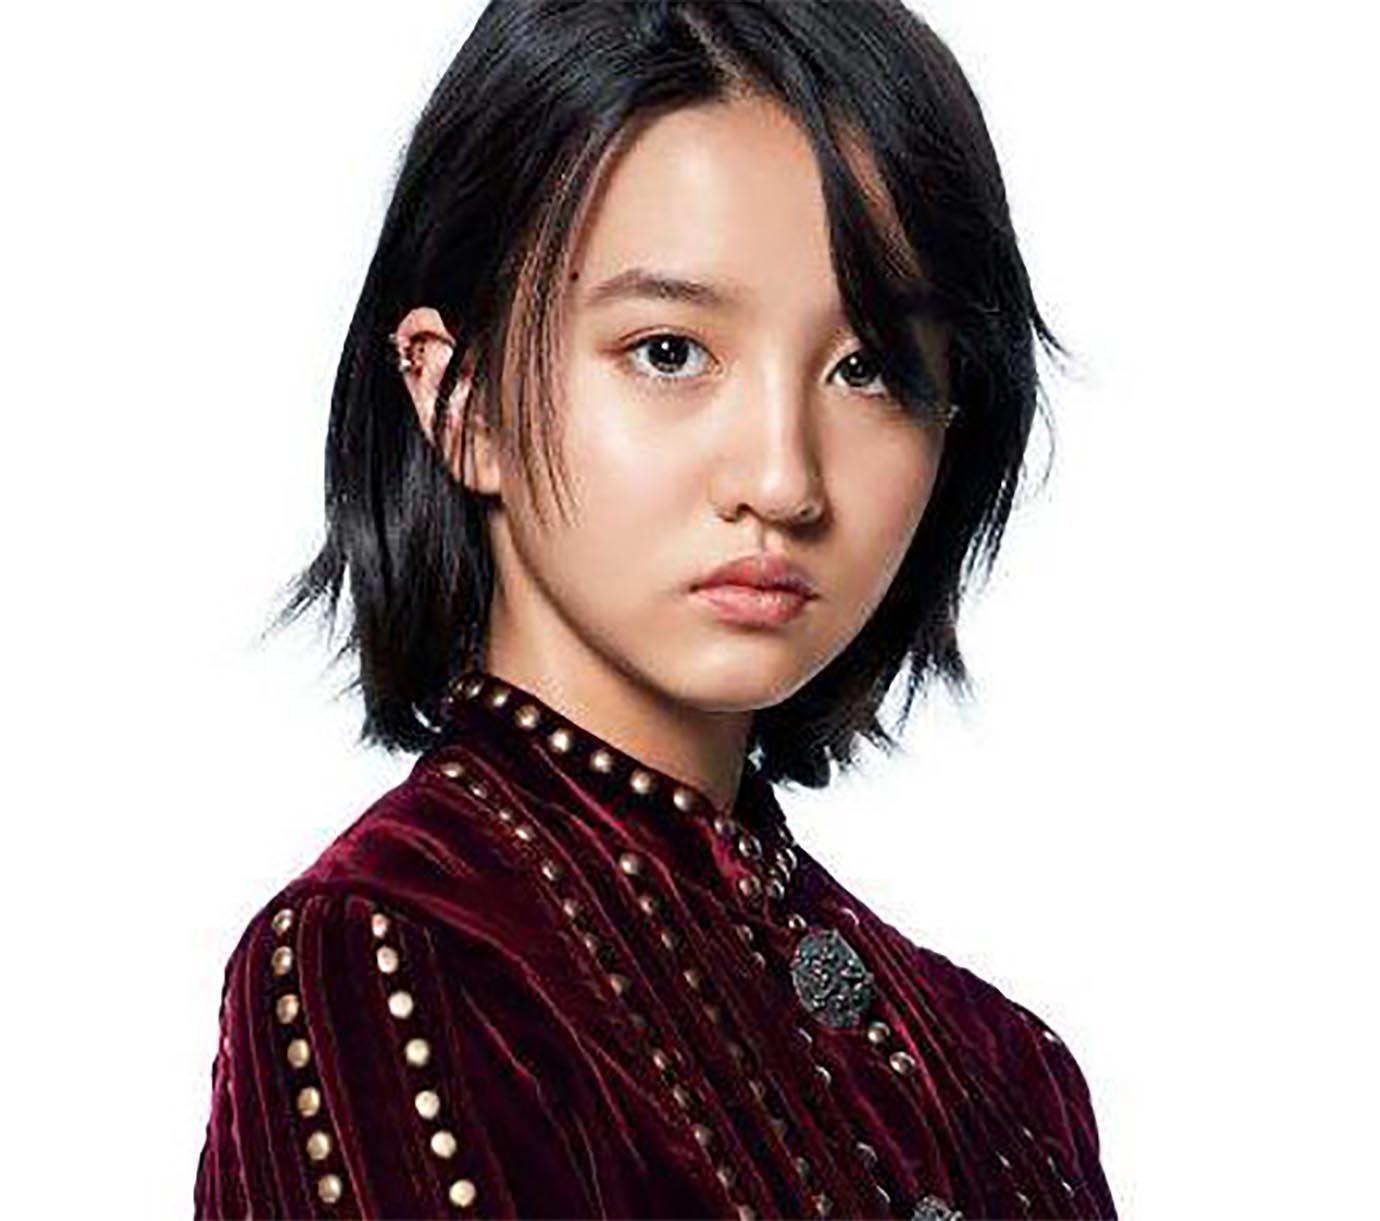 キムタクこと木村拓哉と工藤静香の次女であり、若干15歳にして人気ファッション誌『エル・ジャポン』の表紙を飾ったKoki(本名:木村光希)。作曲家としても活動して